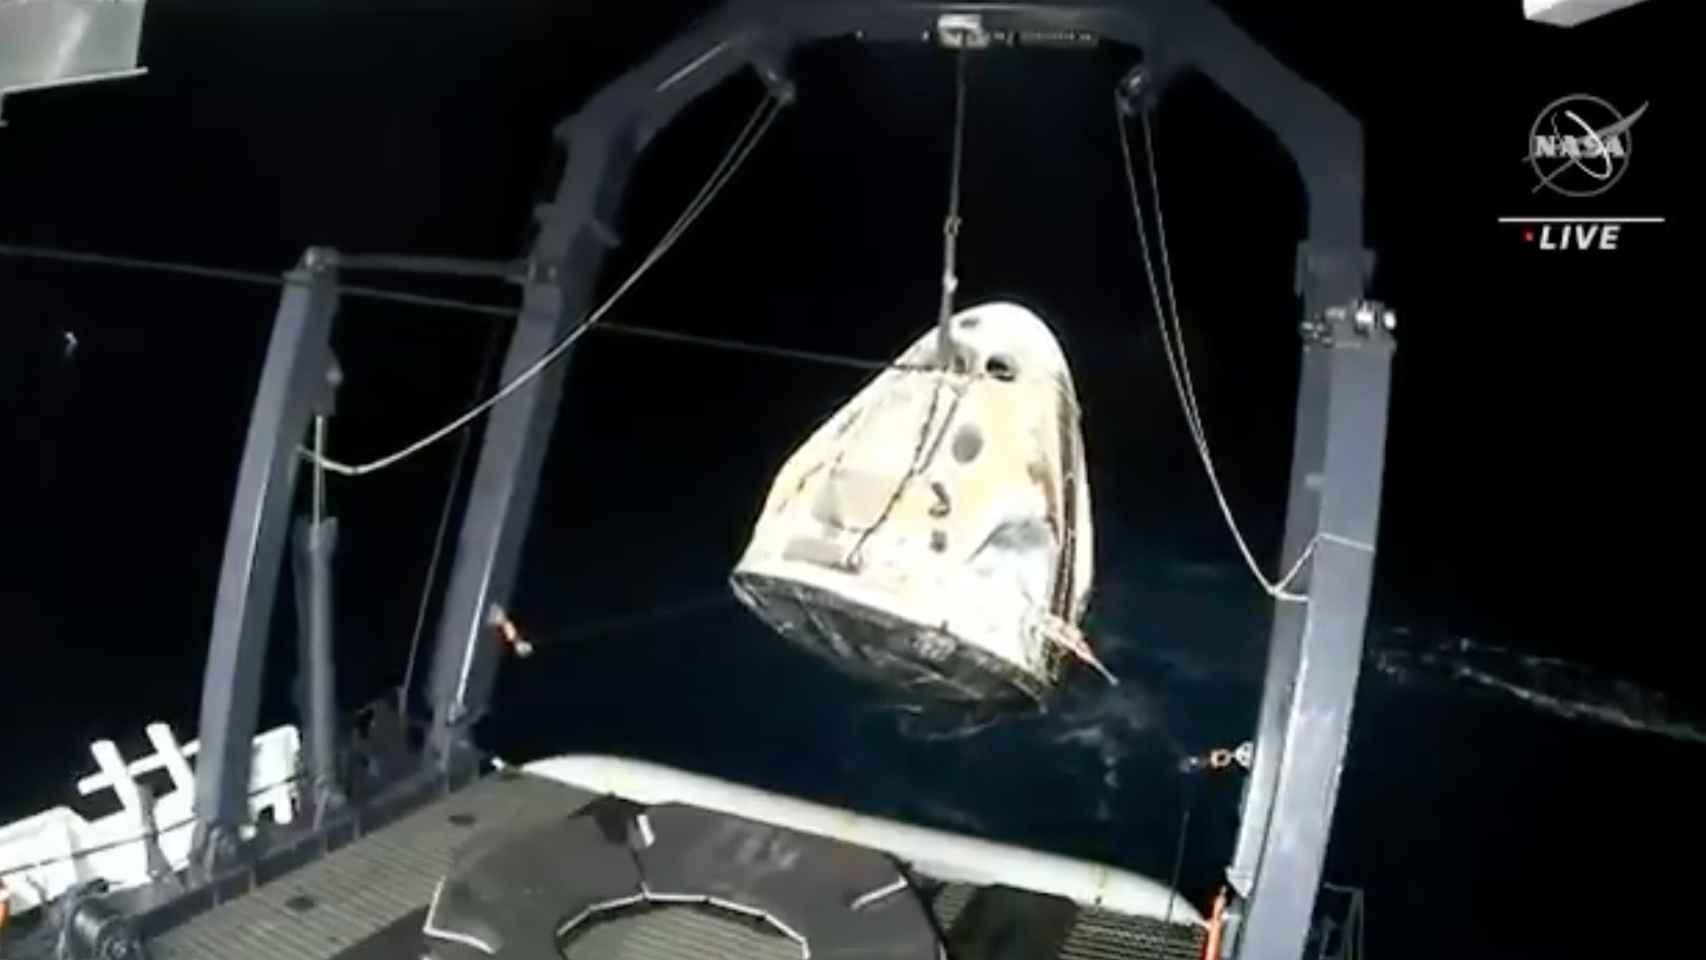 Éxito de NASA y SpaceX: ameriza la cápsula Dragon con cuatro astronautas de la ISS